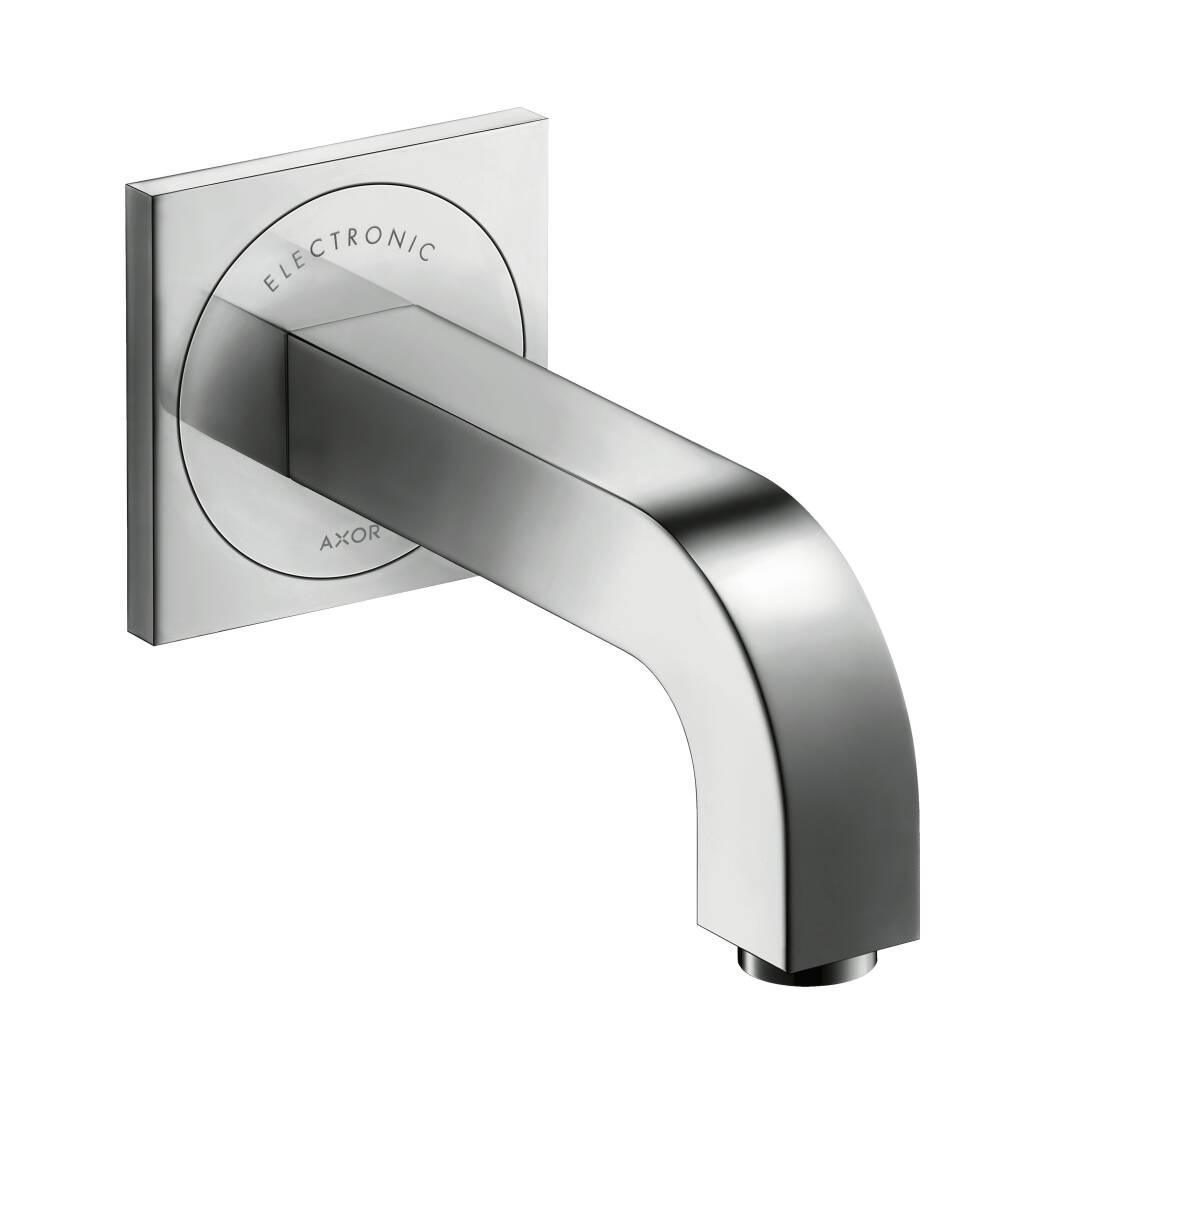 Elektronik-Waschtischmischer Unterputz mit Auslauf 160 mm für Wandmontage, Chrom, 39117000